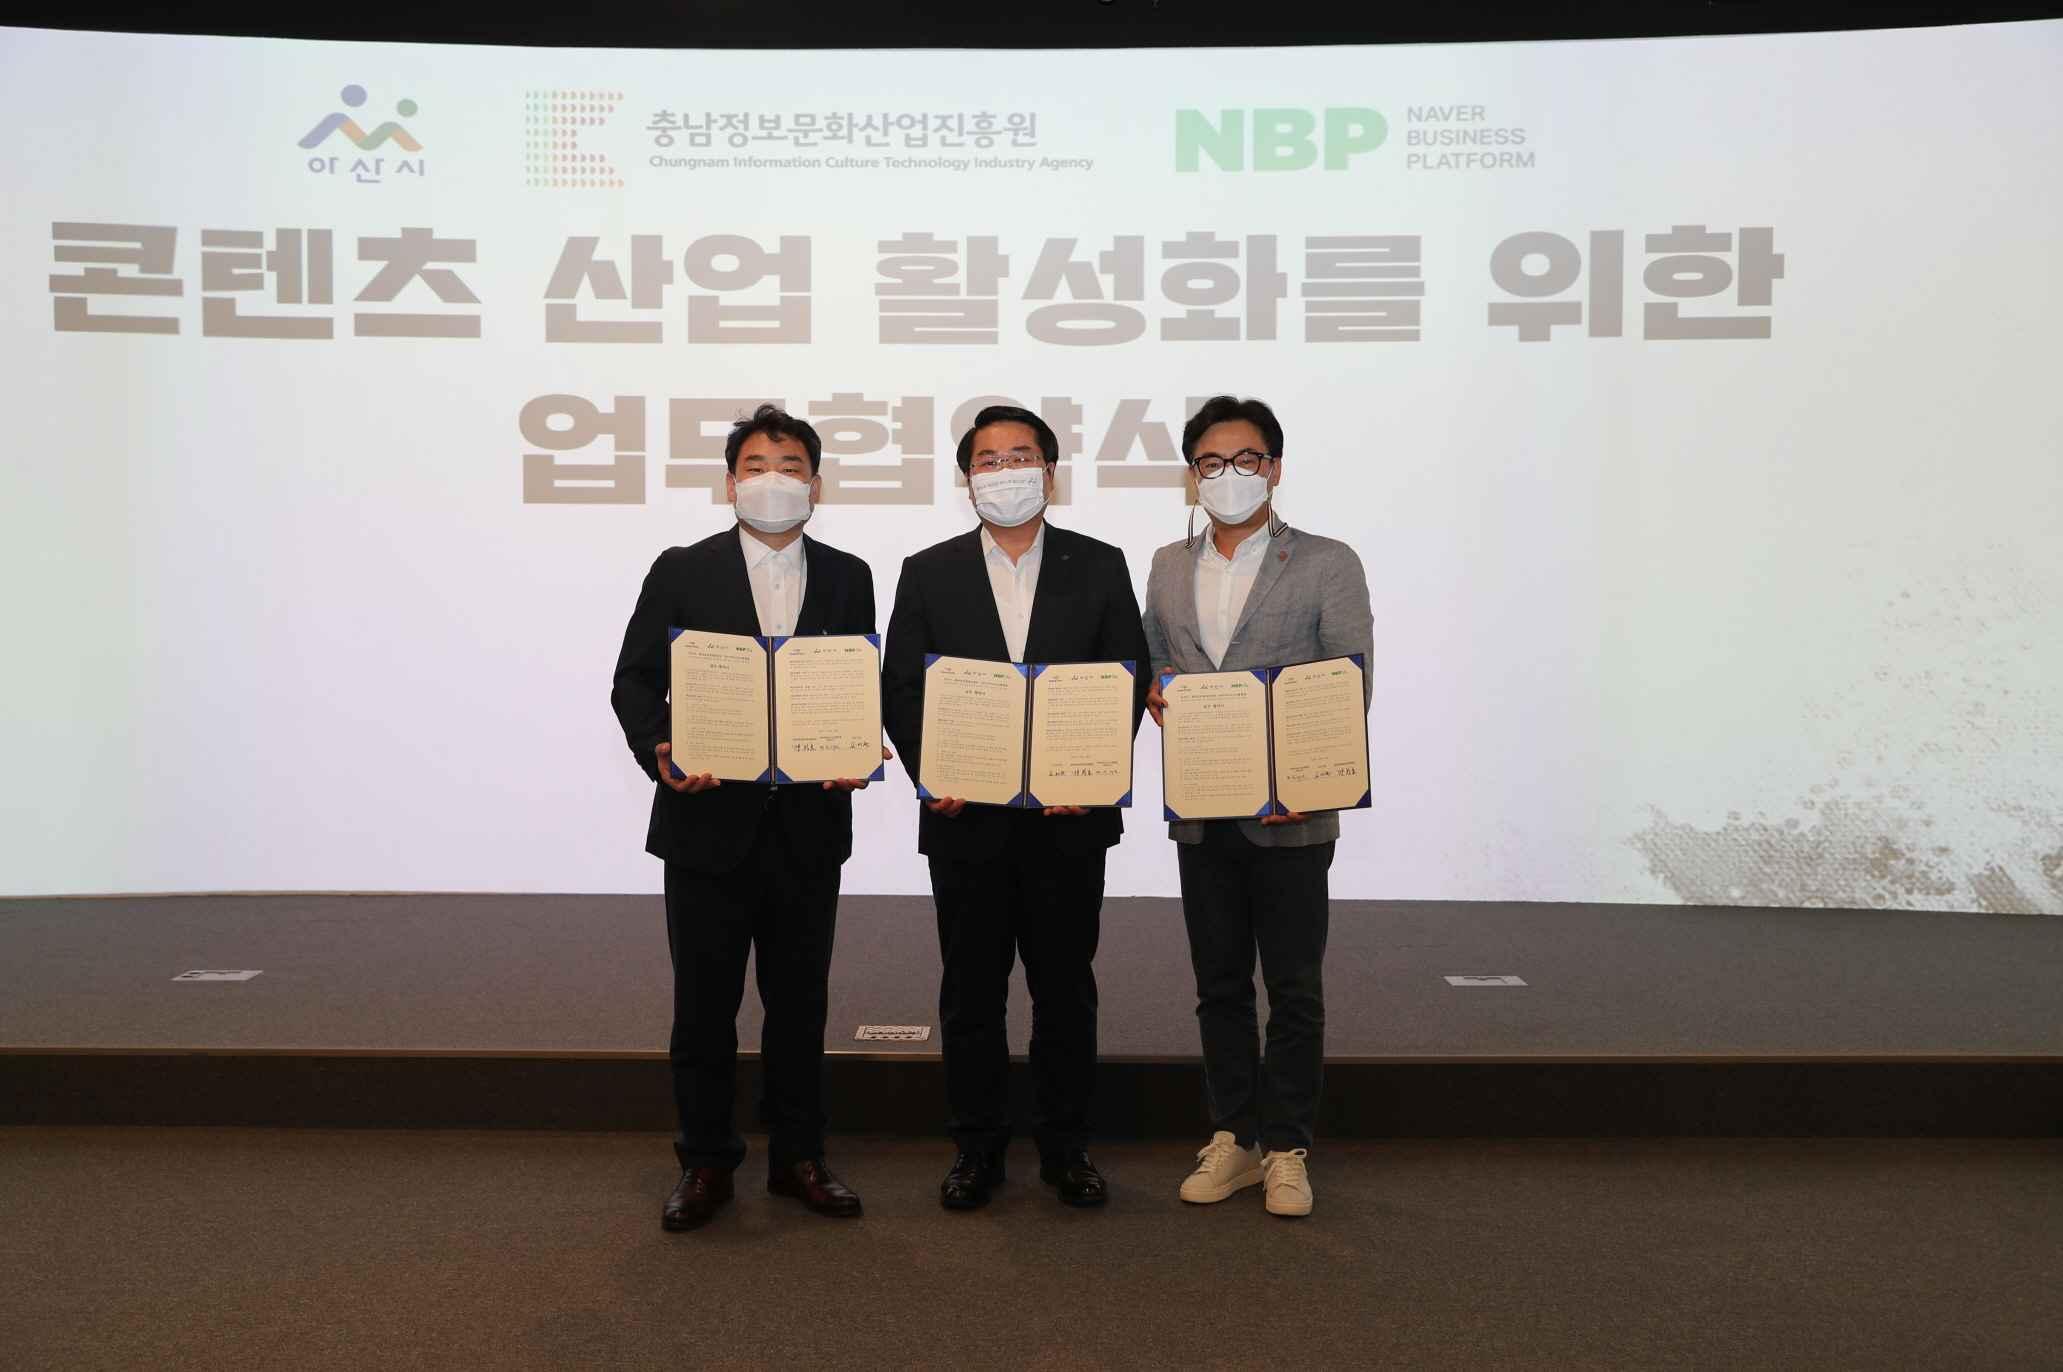 아산시, 네이버비즈니스플랫폼, 충남정보문화산업진흥원 MOU체결